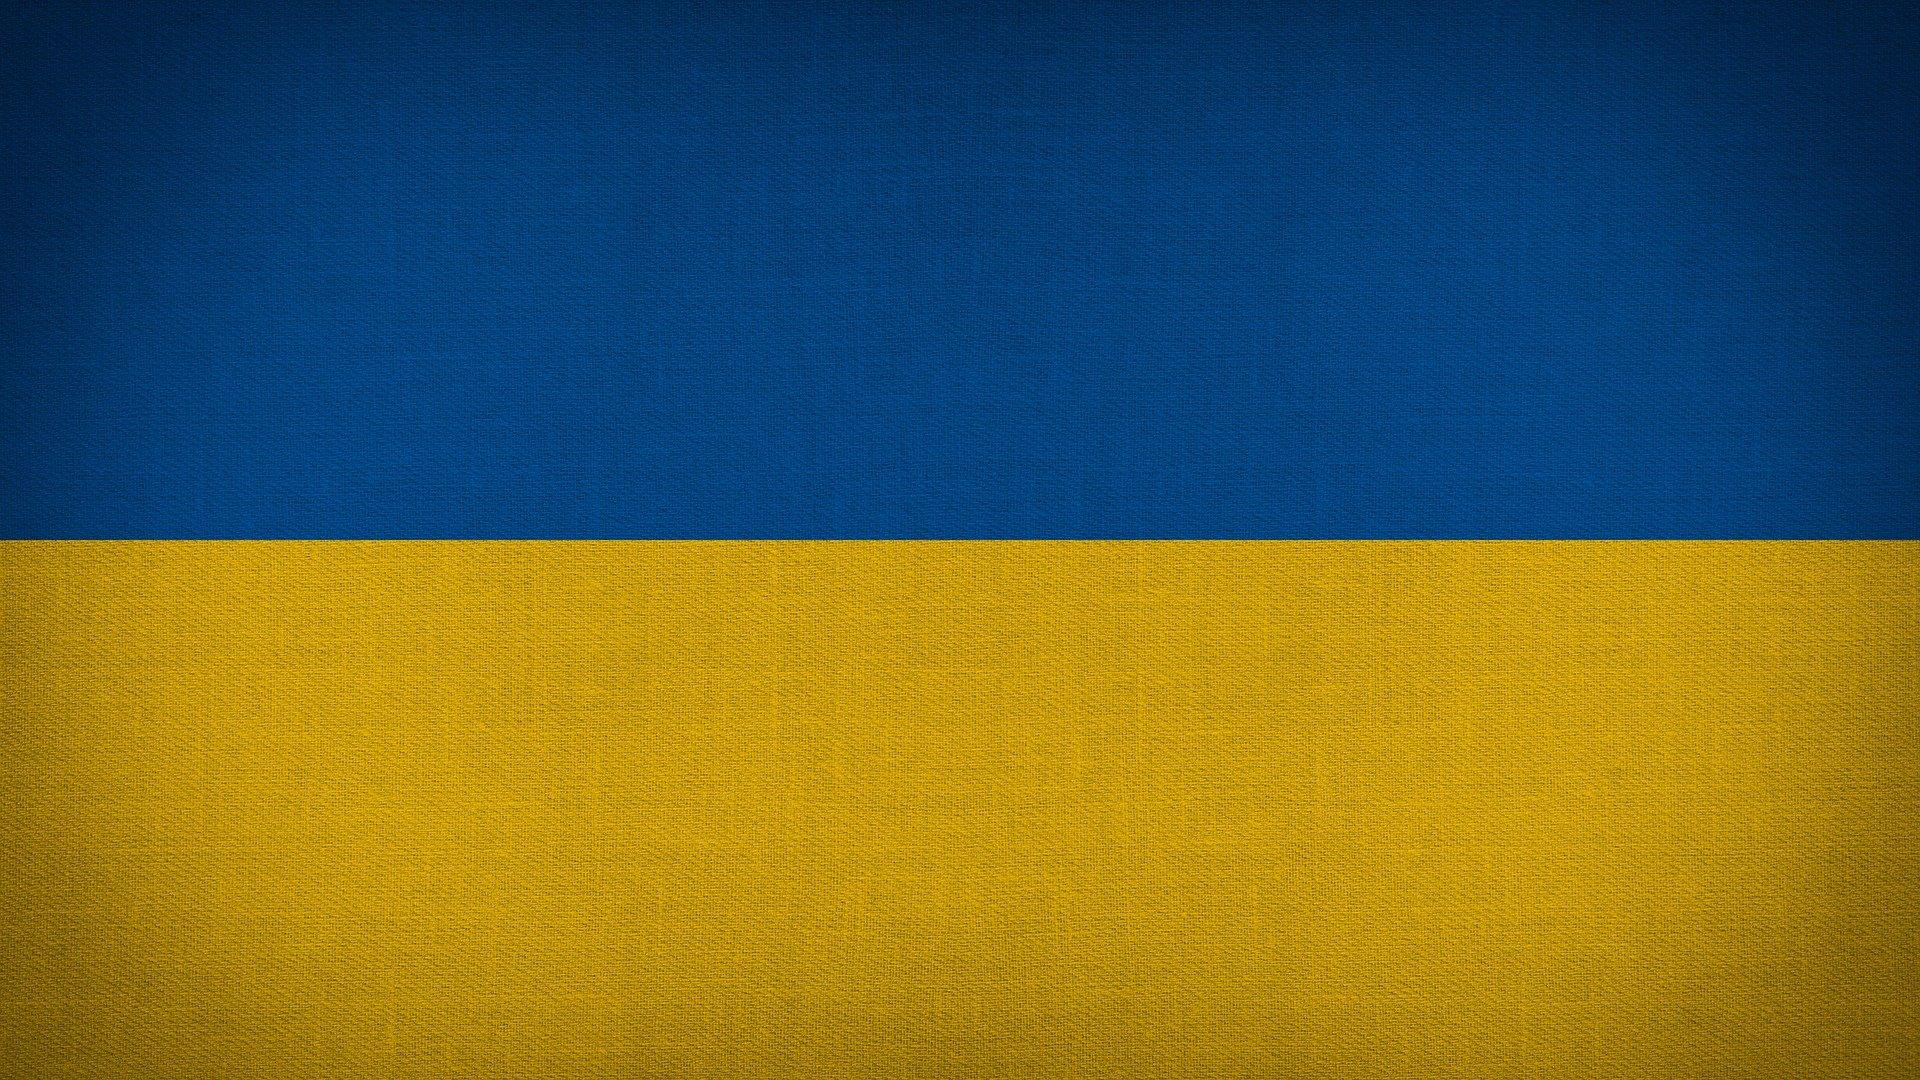 «Ничего неожиданного, мы привыкли»: Политолог прокомментировал введение санкций Украиной против крымских предприятий